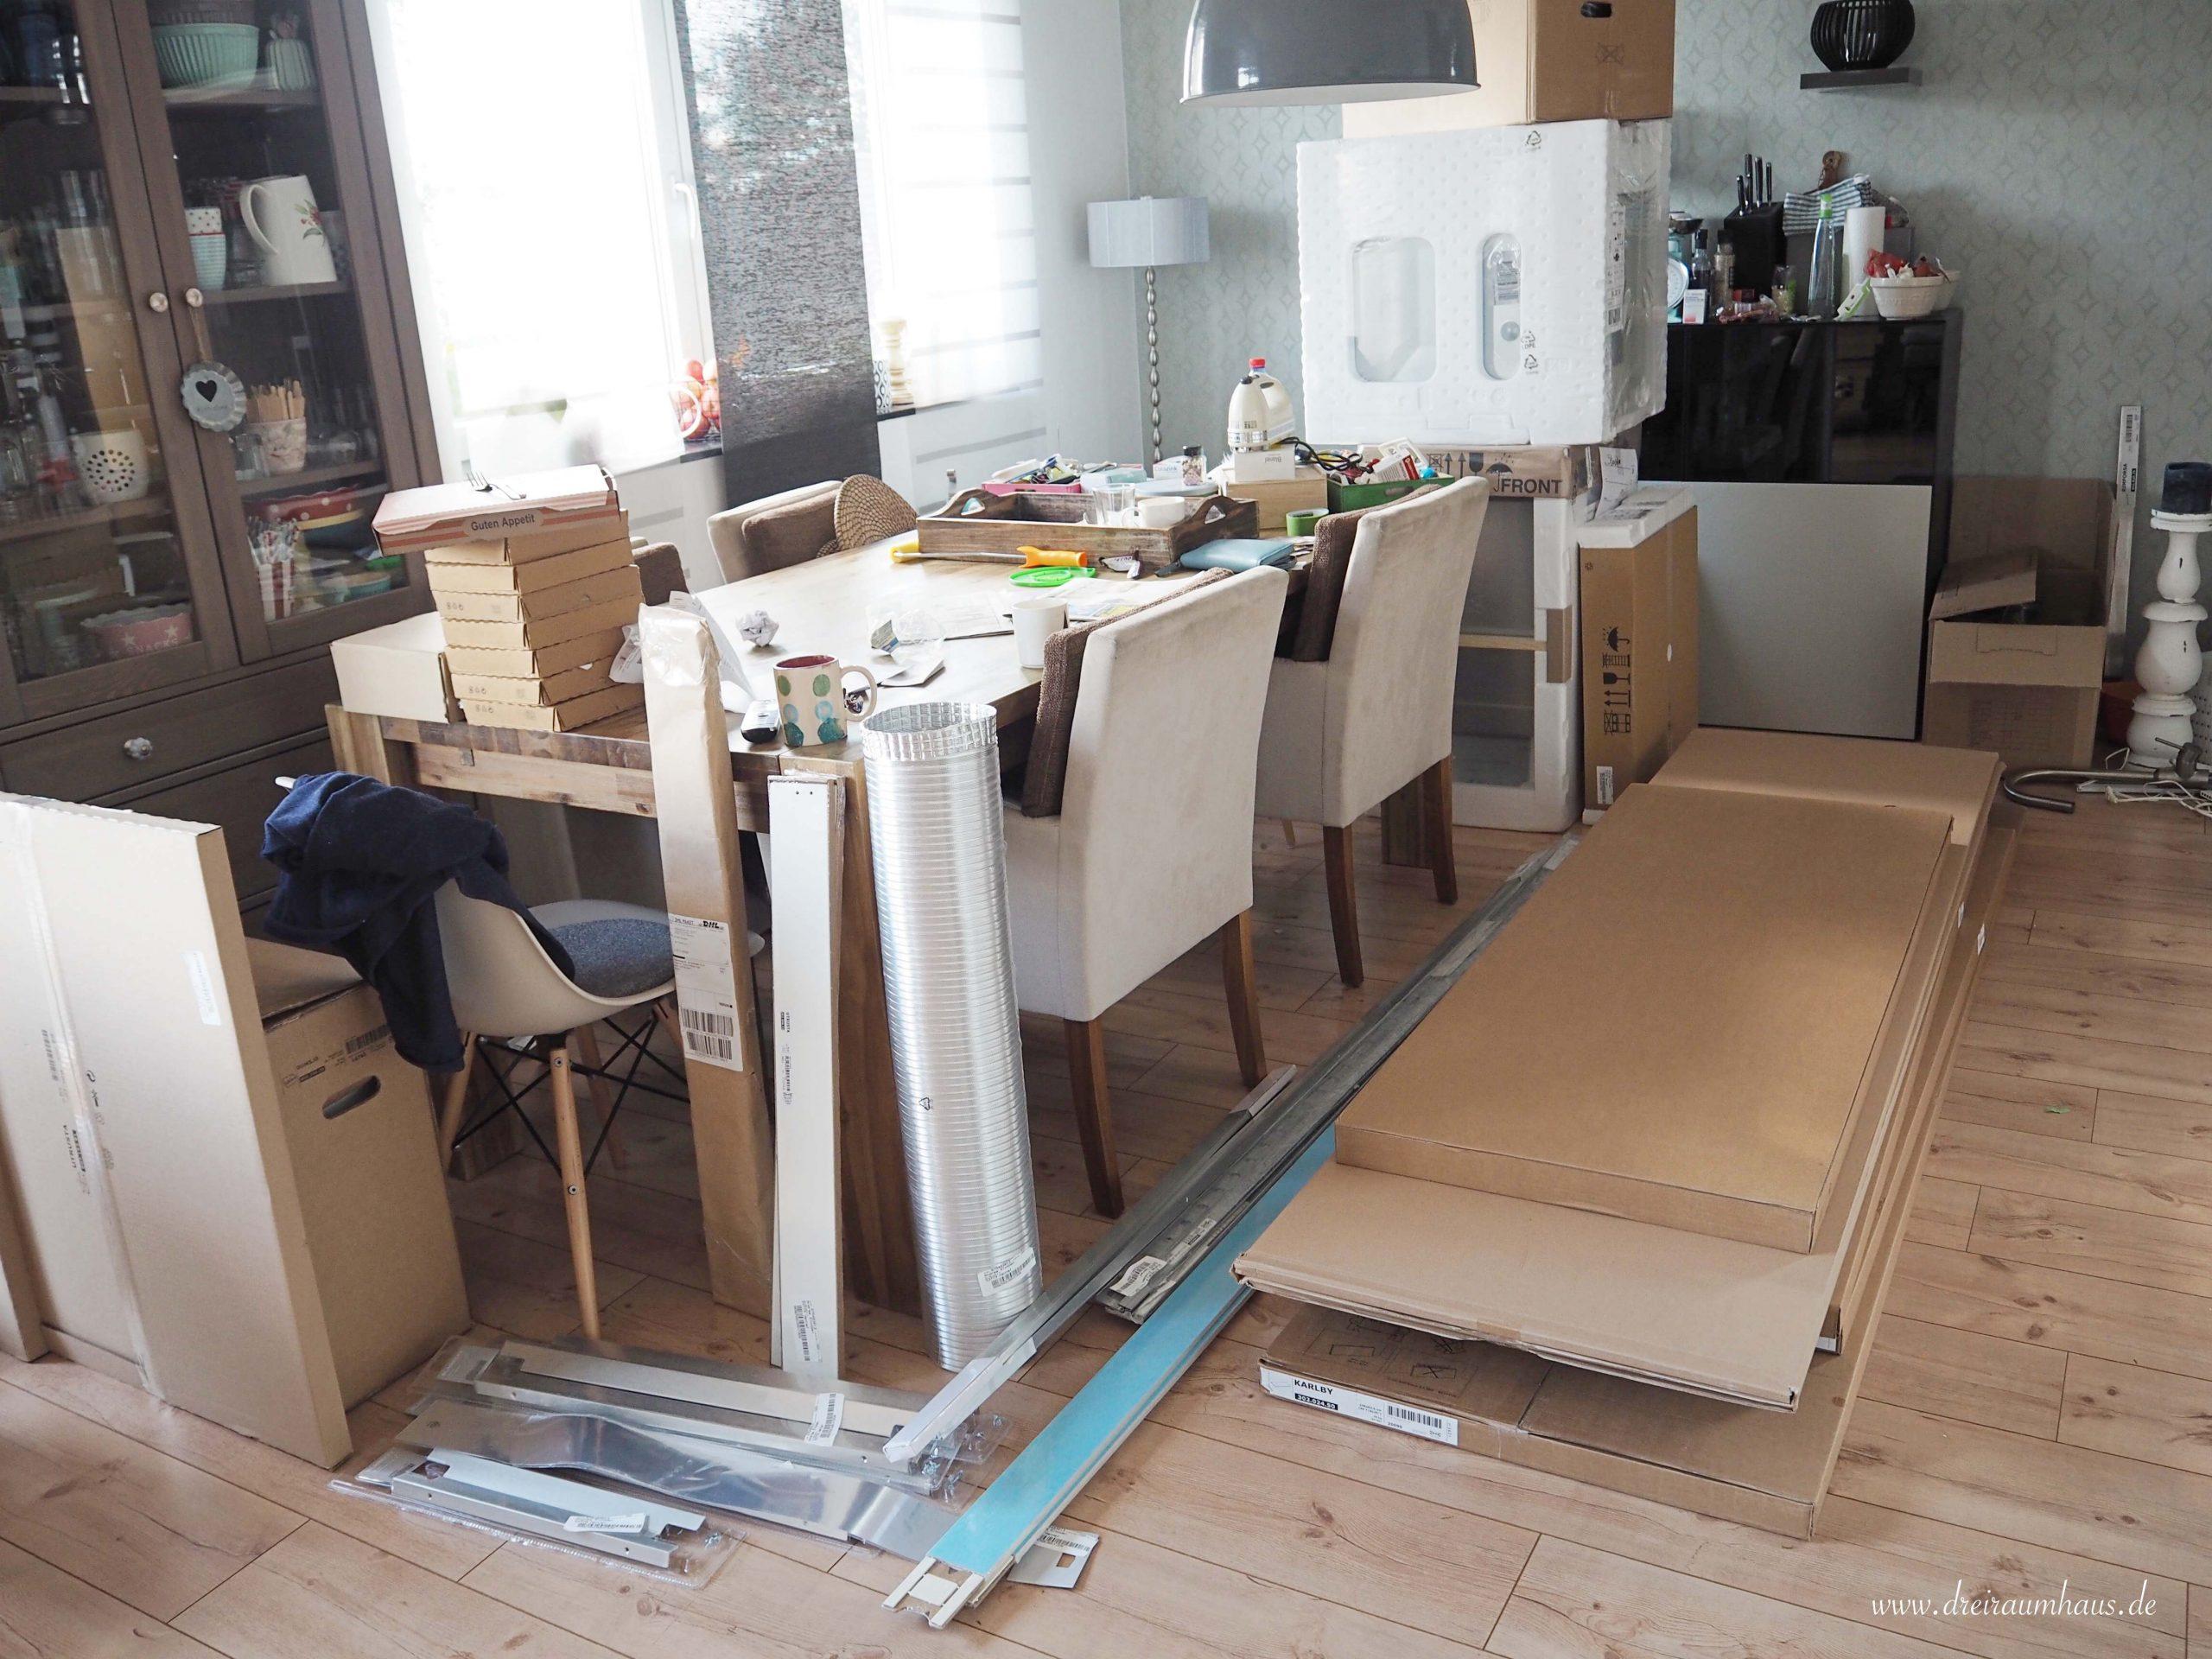 Full Size of Küchenrückwand Ikea Metodeine Neue Kche In 7 Tagen Küche Kosten Sofa Mit Schlaffunktion Kaufen Betten Bei 160x200 Modulküche Miniküche Wohnzimmer Küchenrückwand Ikea